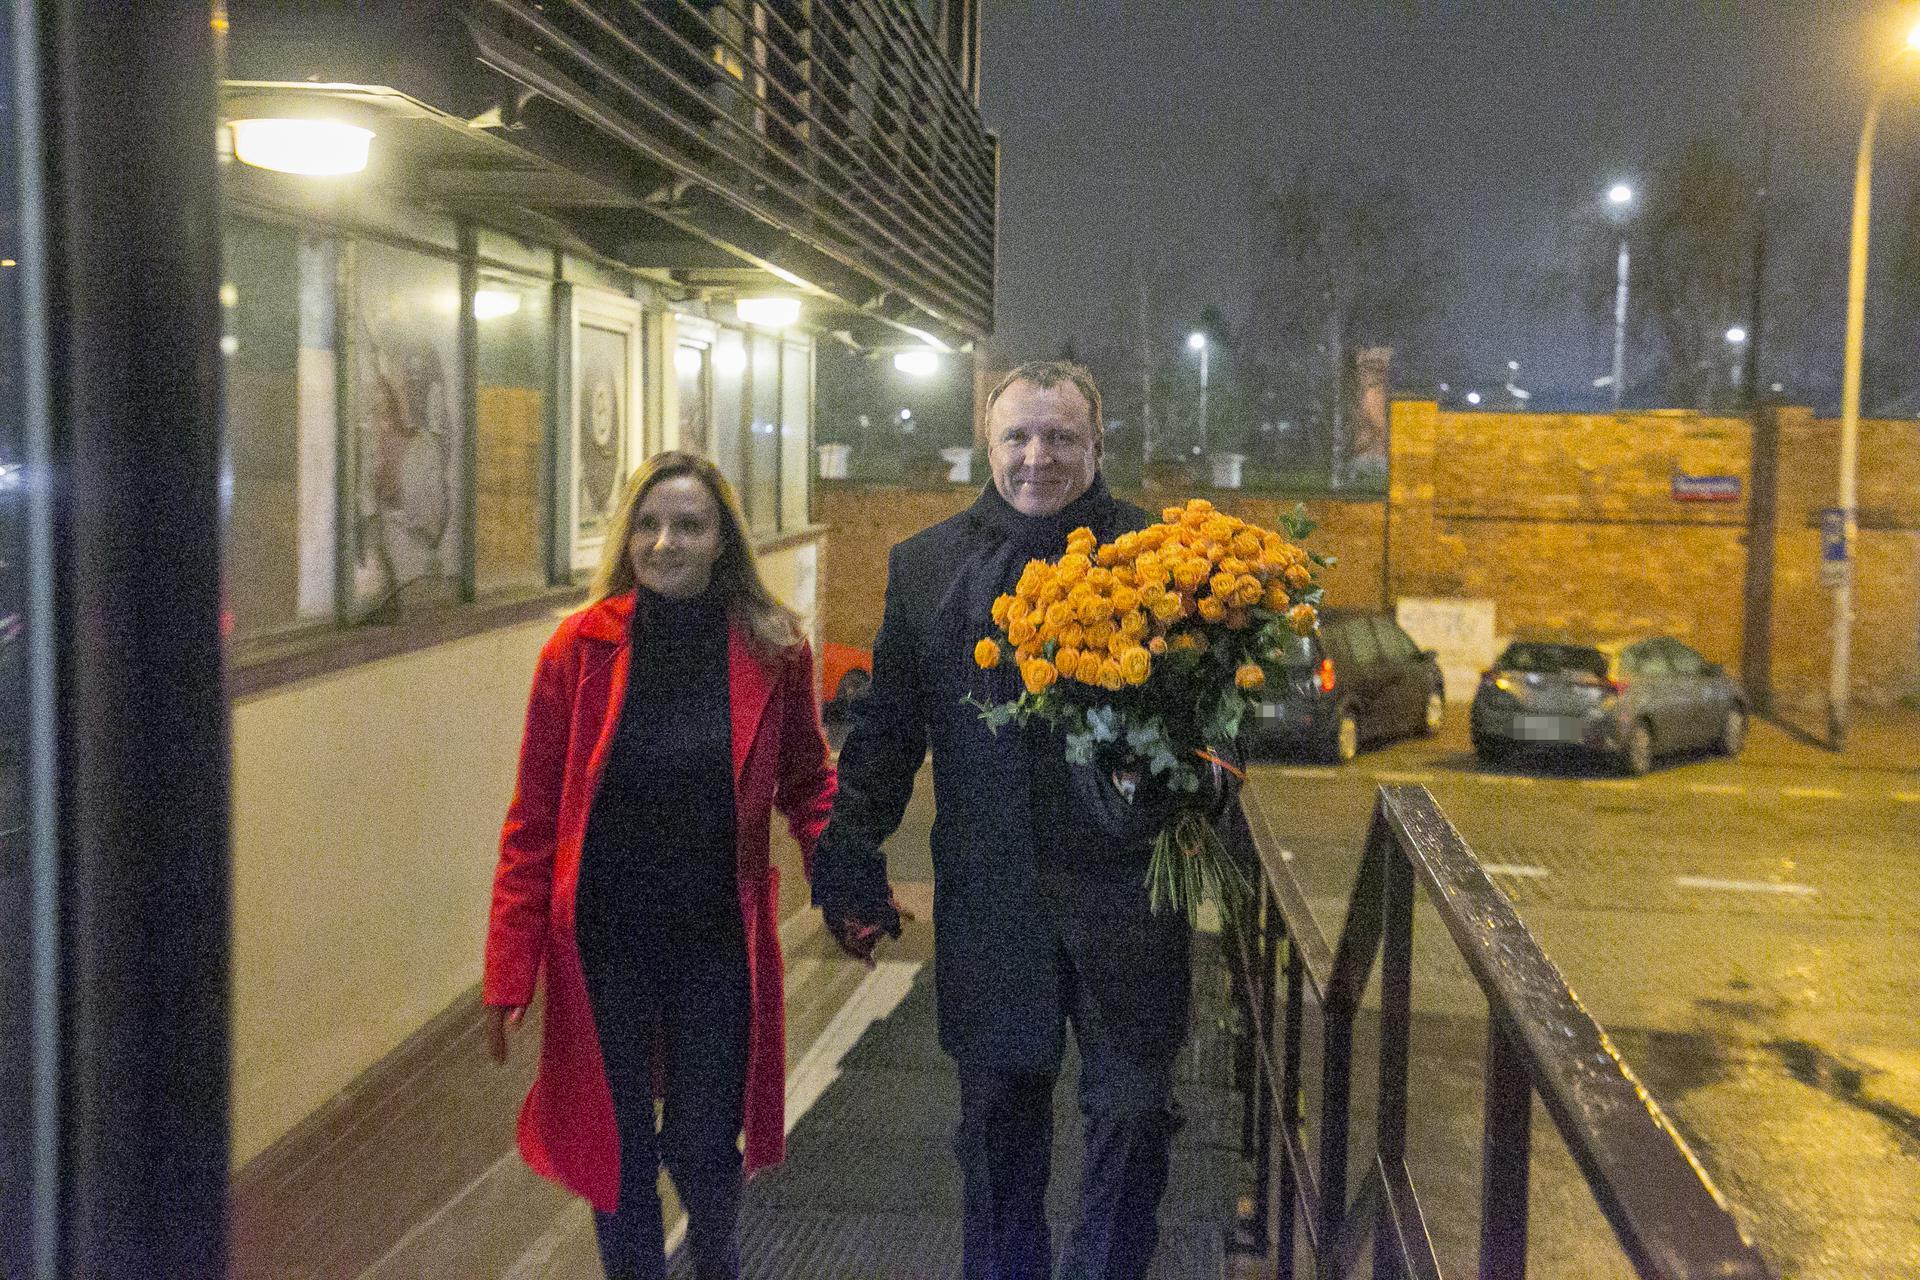 Prezes Kaczyński w szpitalu, a najważniejsi w PiS na imieninach pani Basi! [DUŻO ZDJĘĆ] - Super Express